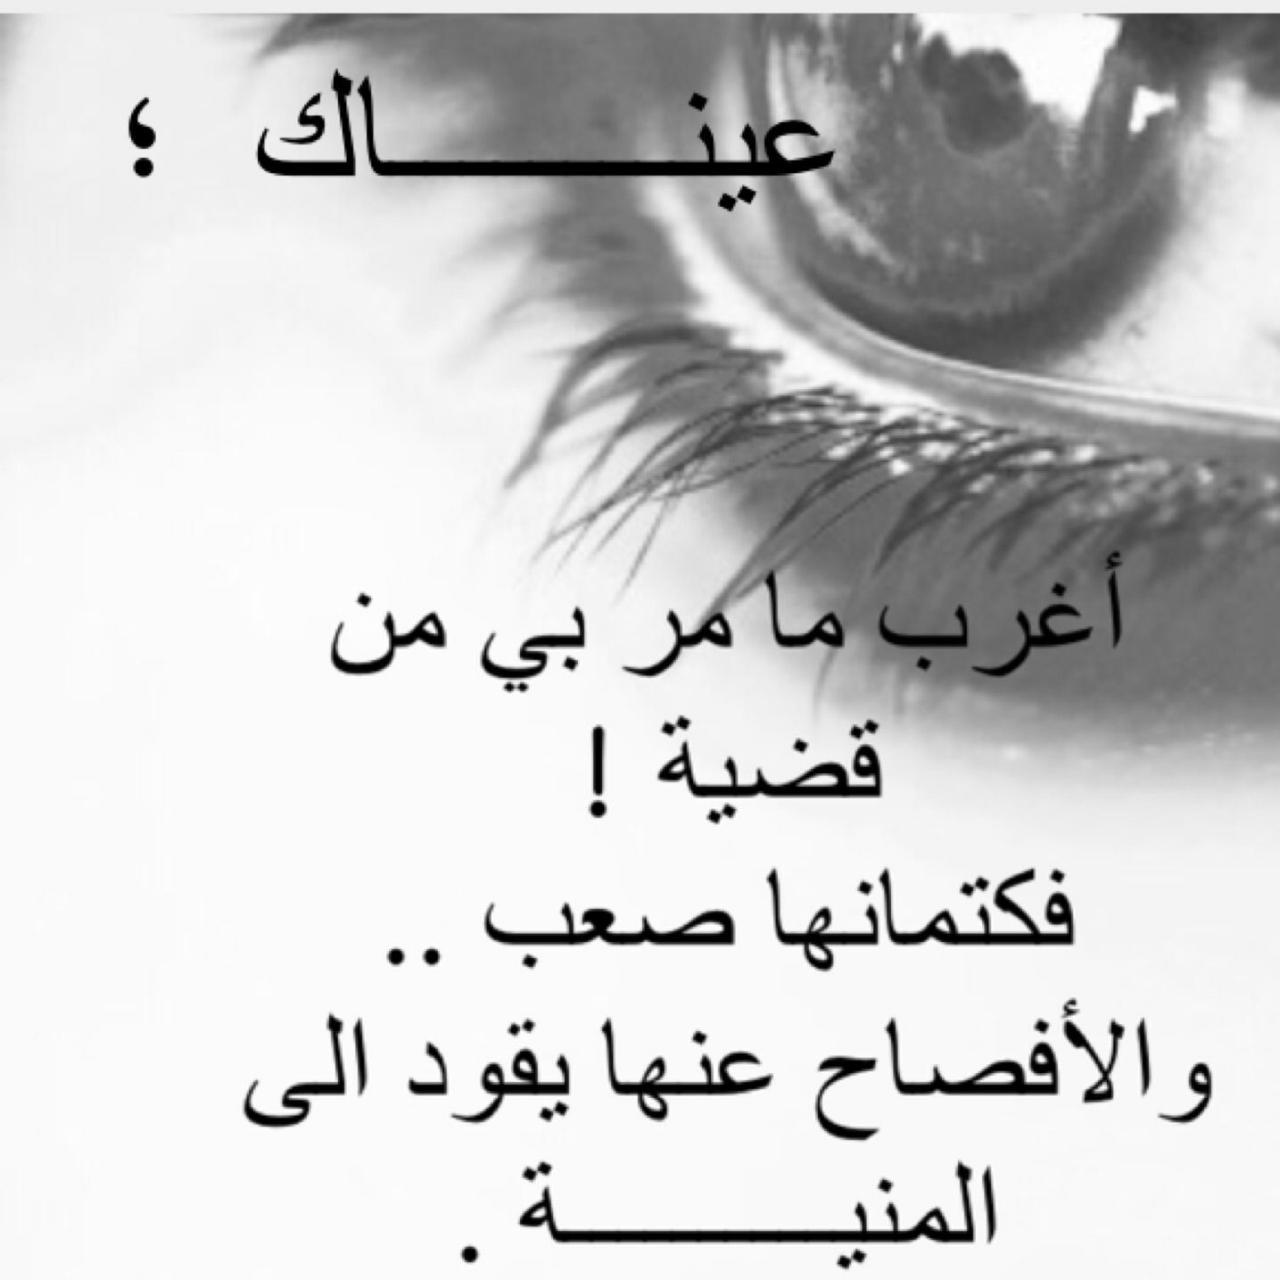 خاطرة في وصف العيون قالوا في العيون خواطر شاعرية الحبيب للحبيب